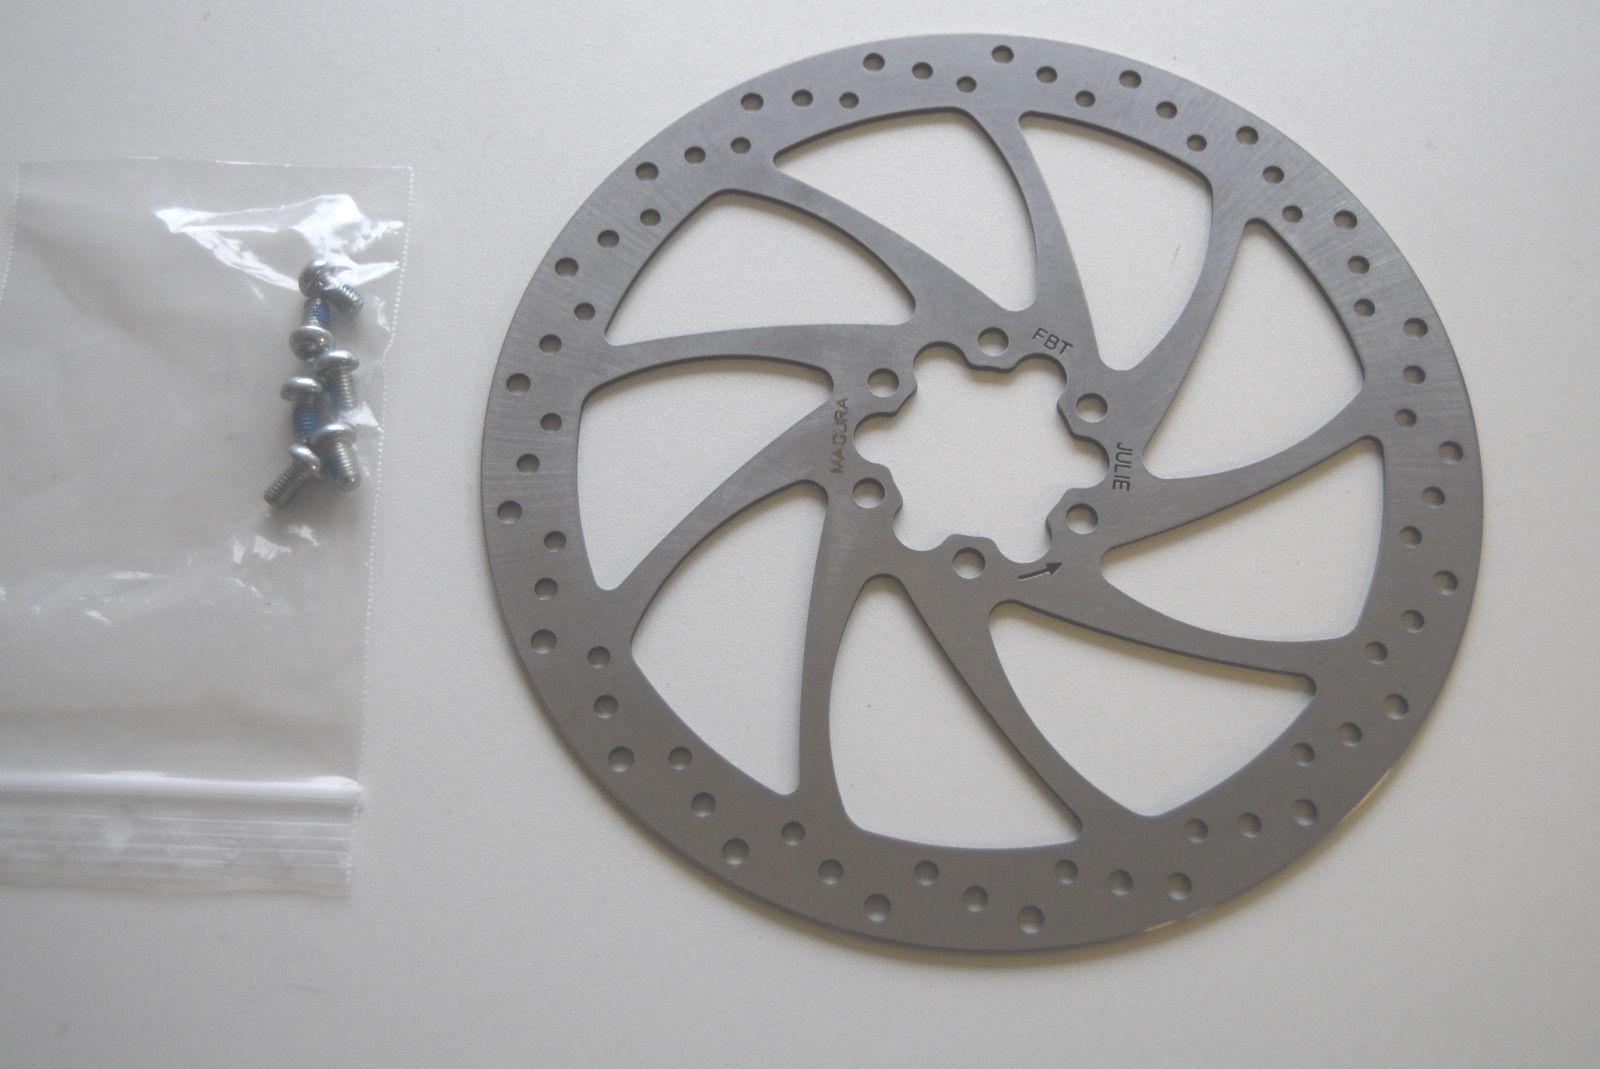 NEU Magura QM-6 PM6-180 Bremsscheiben Adapter mit Schrauben brake disc